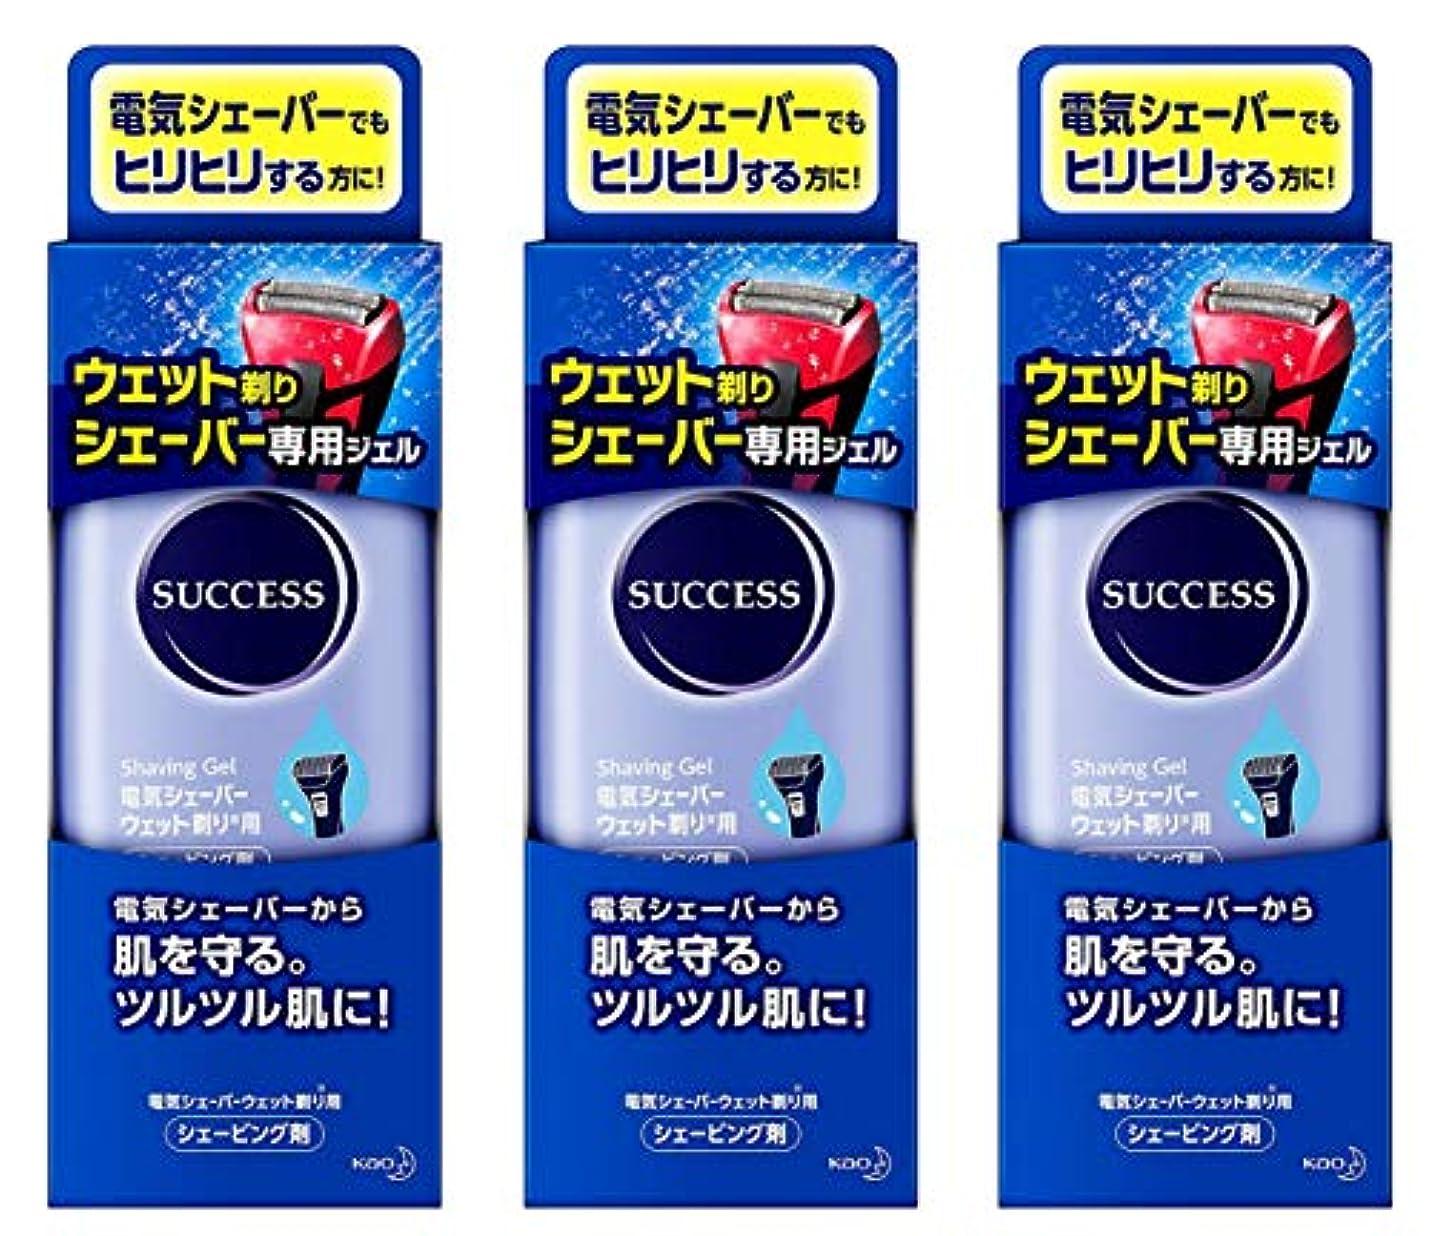 薬スクラップブックもっともらしい【3個セット】サクセス ウェット剃りシェーバー専用ジェル 180g×3個